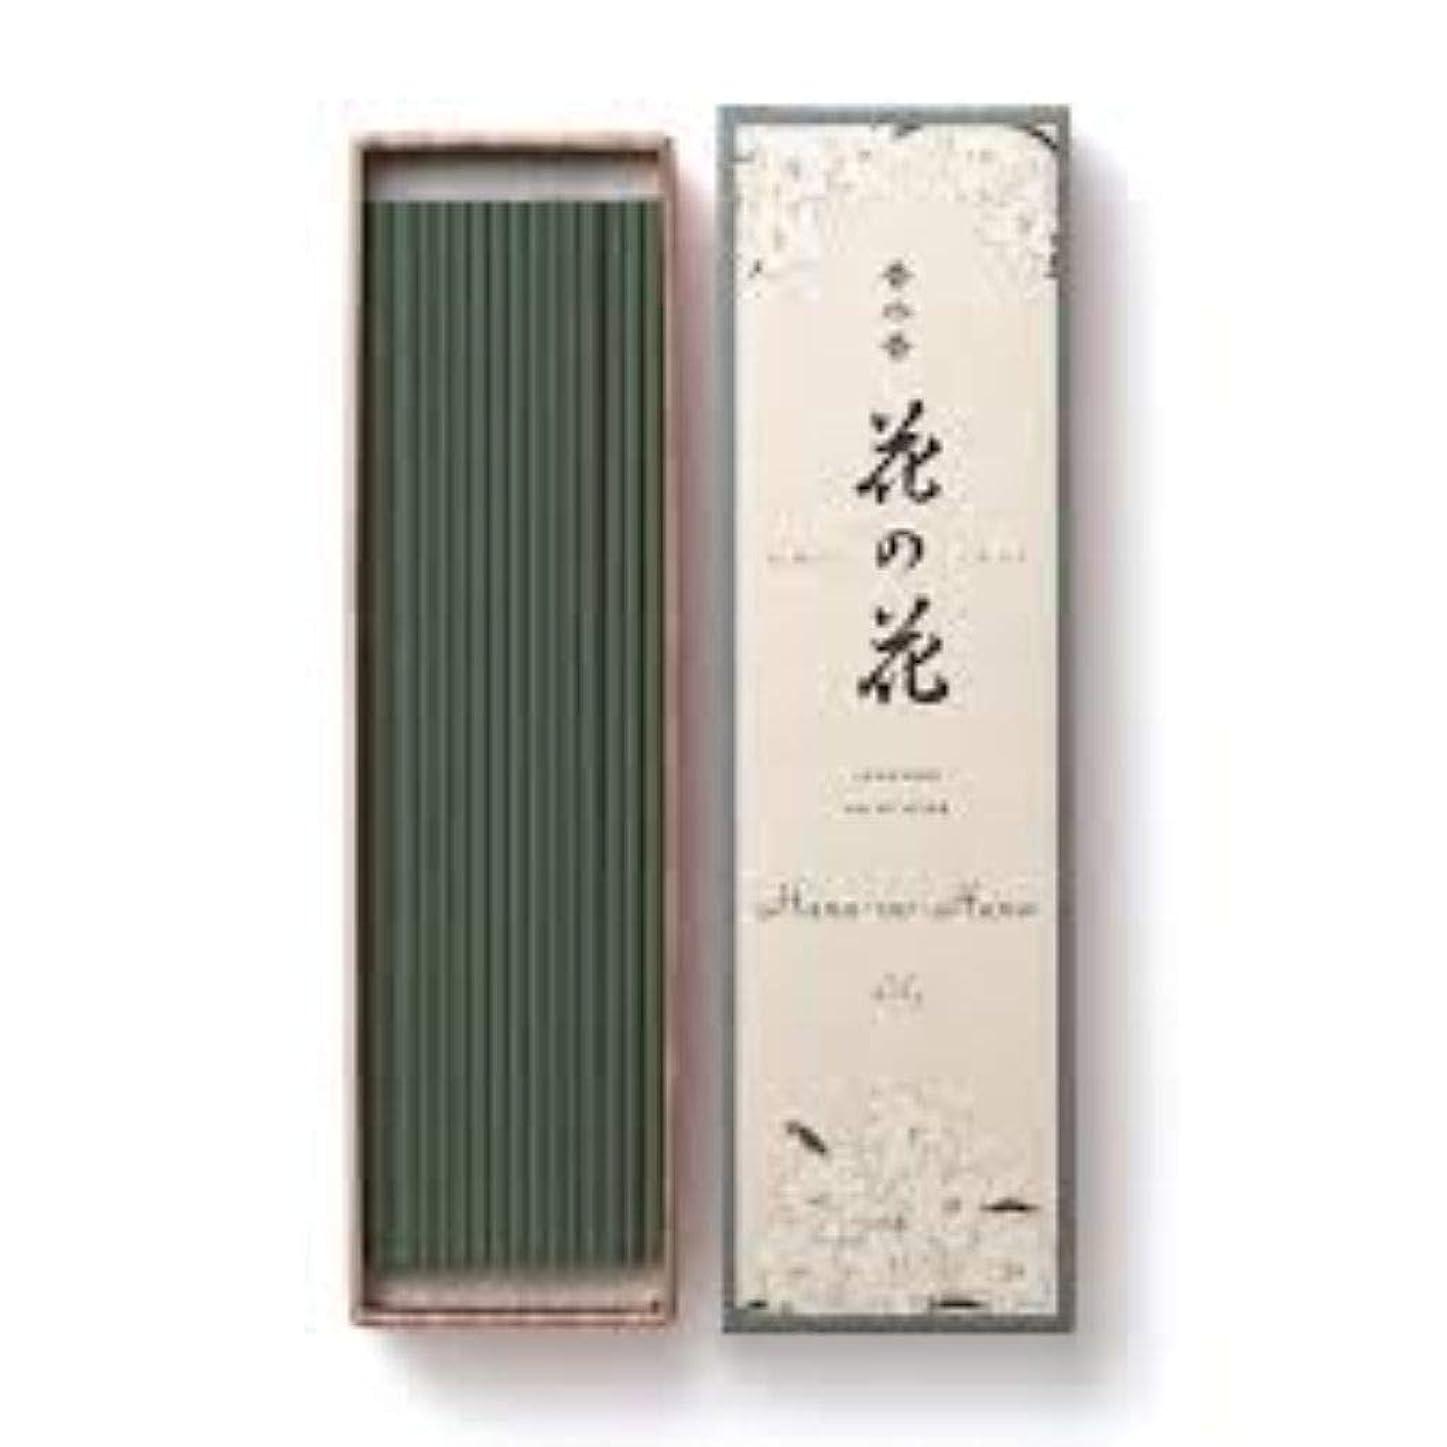 するだろう誓いキャンベラお香 香水香花の花 ゆり 長寸40本入(30006)